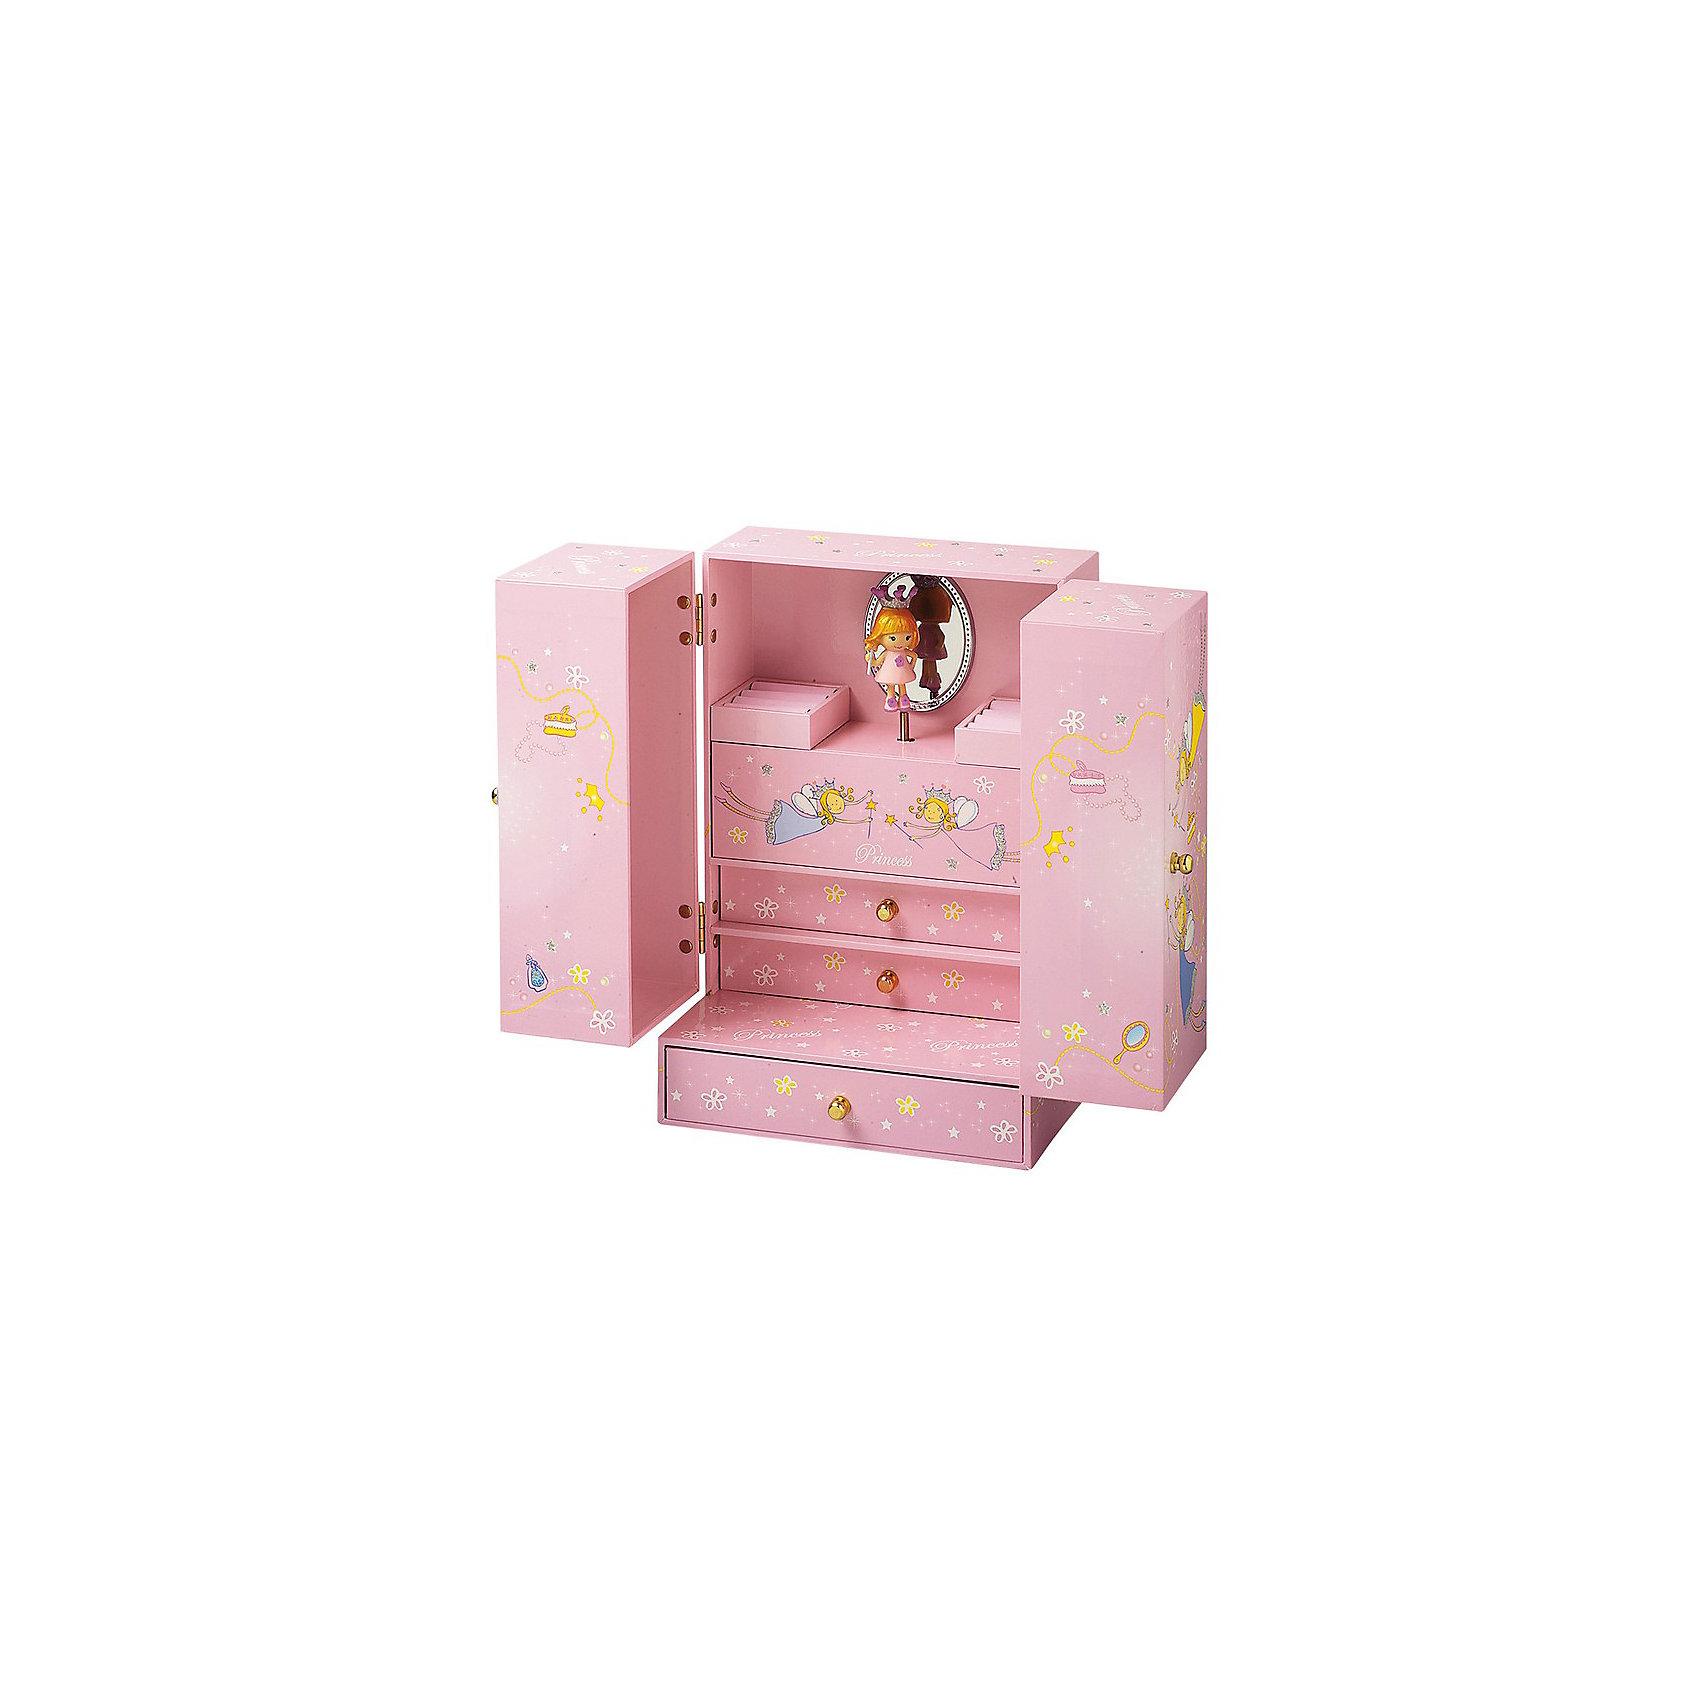 Музыкальная шкатулка механическая Принцесса, TrousselierЯркая оригинальная Музыкальная шкатулка механическая Принцесса, Trousselier (Трусалье) выполнена в виде шкафчика. <br><br>Эта шкатулка напоминает кукольный шкафчик со множеством отделений, которые можно использовать в зависимости от фантазии ребенка. Внутри, за распахивающимися дверцами – два ящичка с ручками, подушечки для колечек, зеркальце. Вращающаяся под музыку фигурка делает шкатулку еще более интересной. <br><br>Дополнительная информация:<br><br>-Размер шкатулки 19 x 24,5 x 12,5 см.<br>-Материалы: плотный картон, металл<br><br>Эта музыкальная шкатулка будет лучшим подарком для девочки!<br><br>Музыкальную шкатулку механическую Принцесса, Trousselier (Трусалье) можно купить в нашем магазине.<br><br>Ширина мм: 171<br>Глубина мм: 250<br>Высота мм: 130<br>Вес г: 1545<br>Возраст от месяцев: 36<br>Возраст до месяцев: 144<br>Пол: Женский<br>Возраст: Детский<br>SKU: 3620653